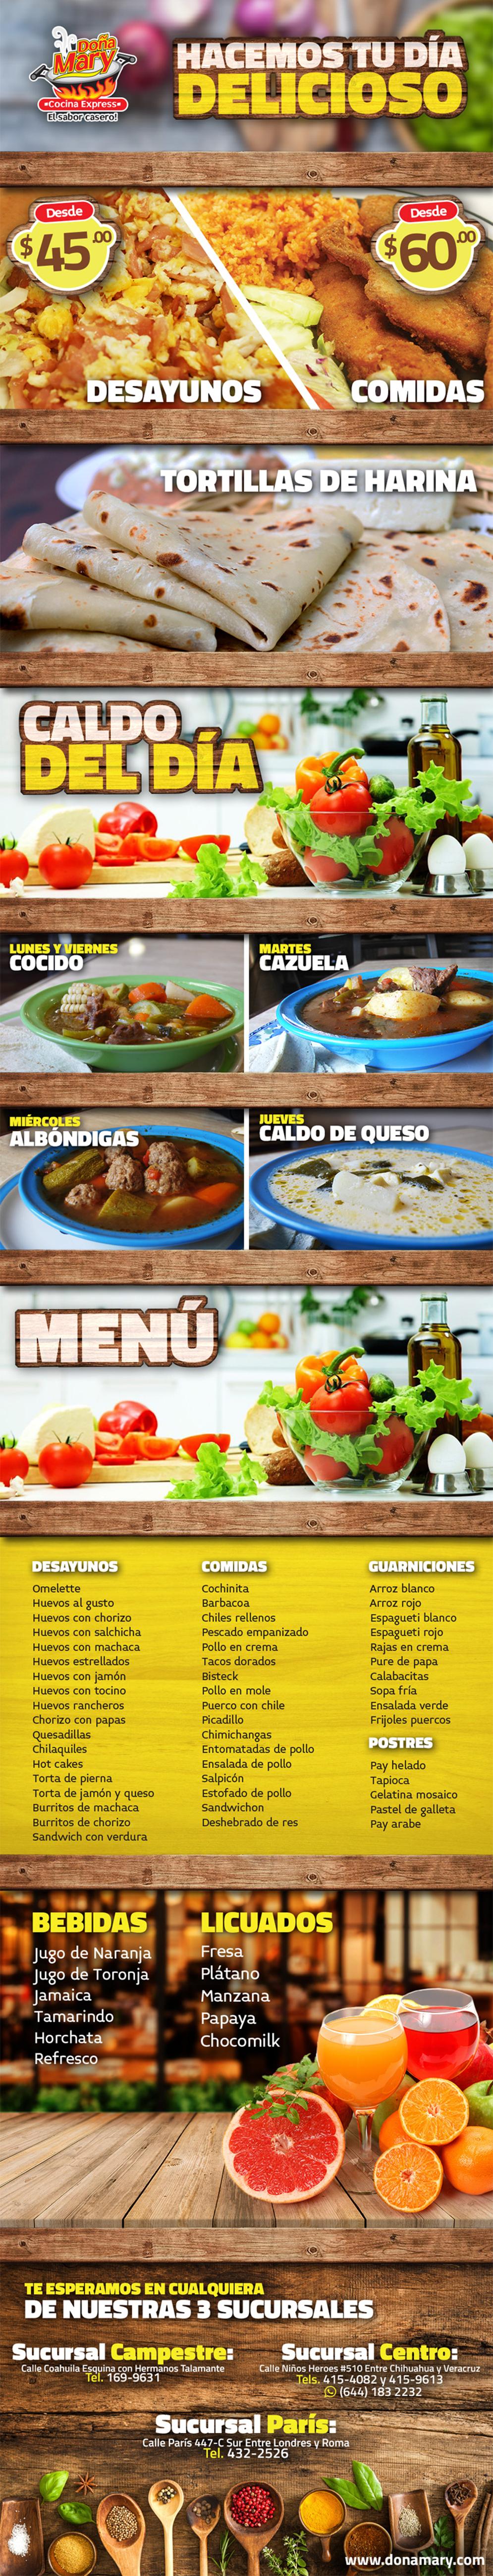 Cocina express do a mary en ciudad obreg n anunciado por for Cocina economica